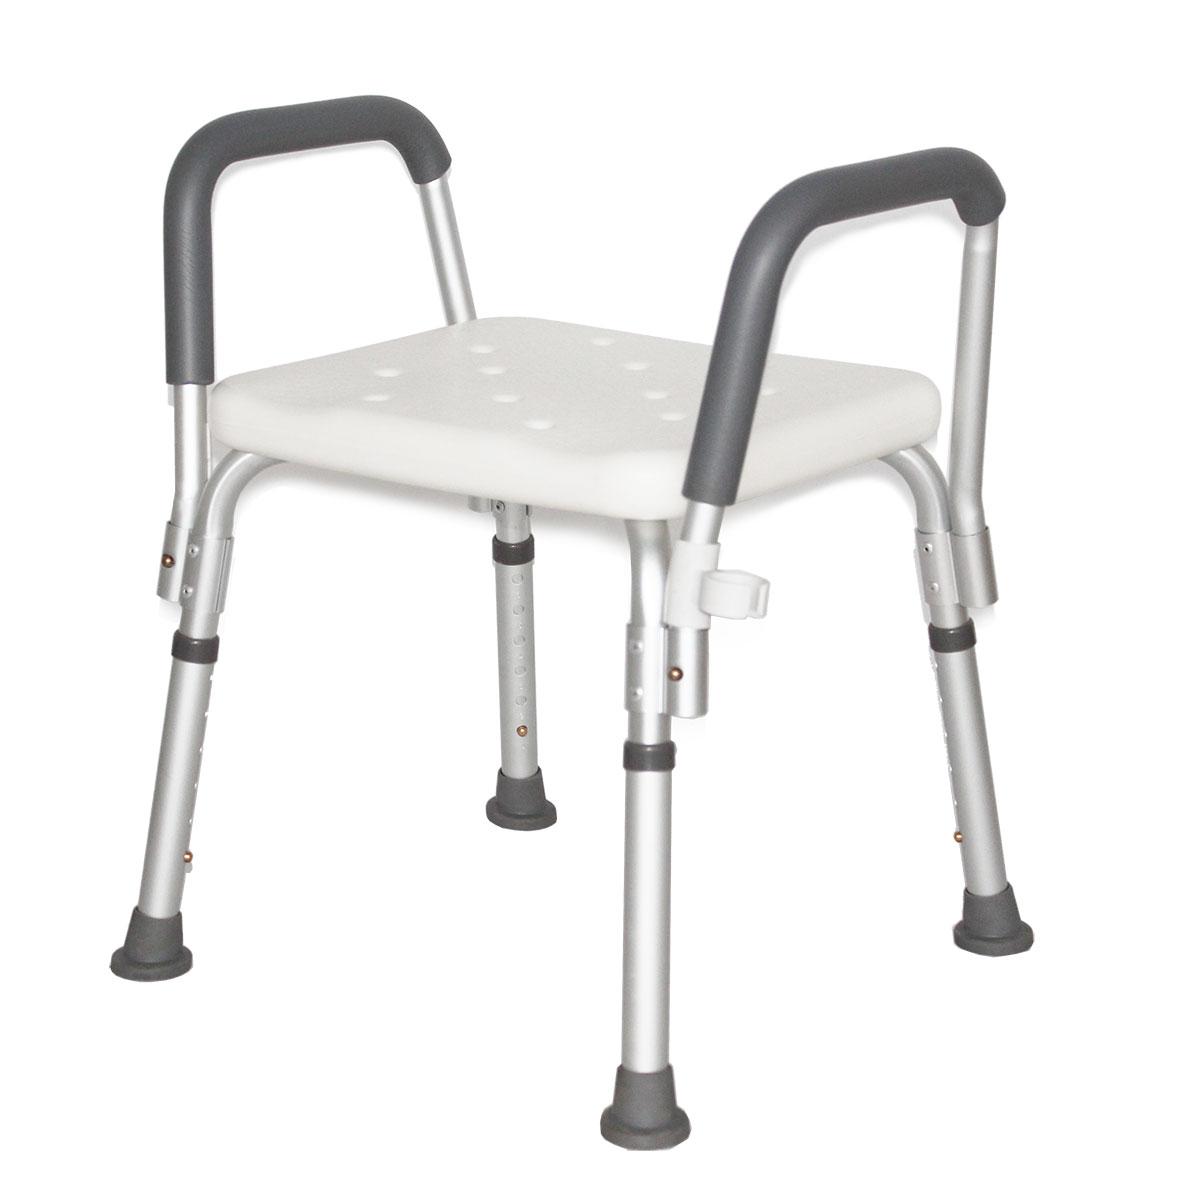 雅德YC5202洗澡椅扶手